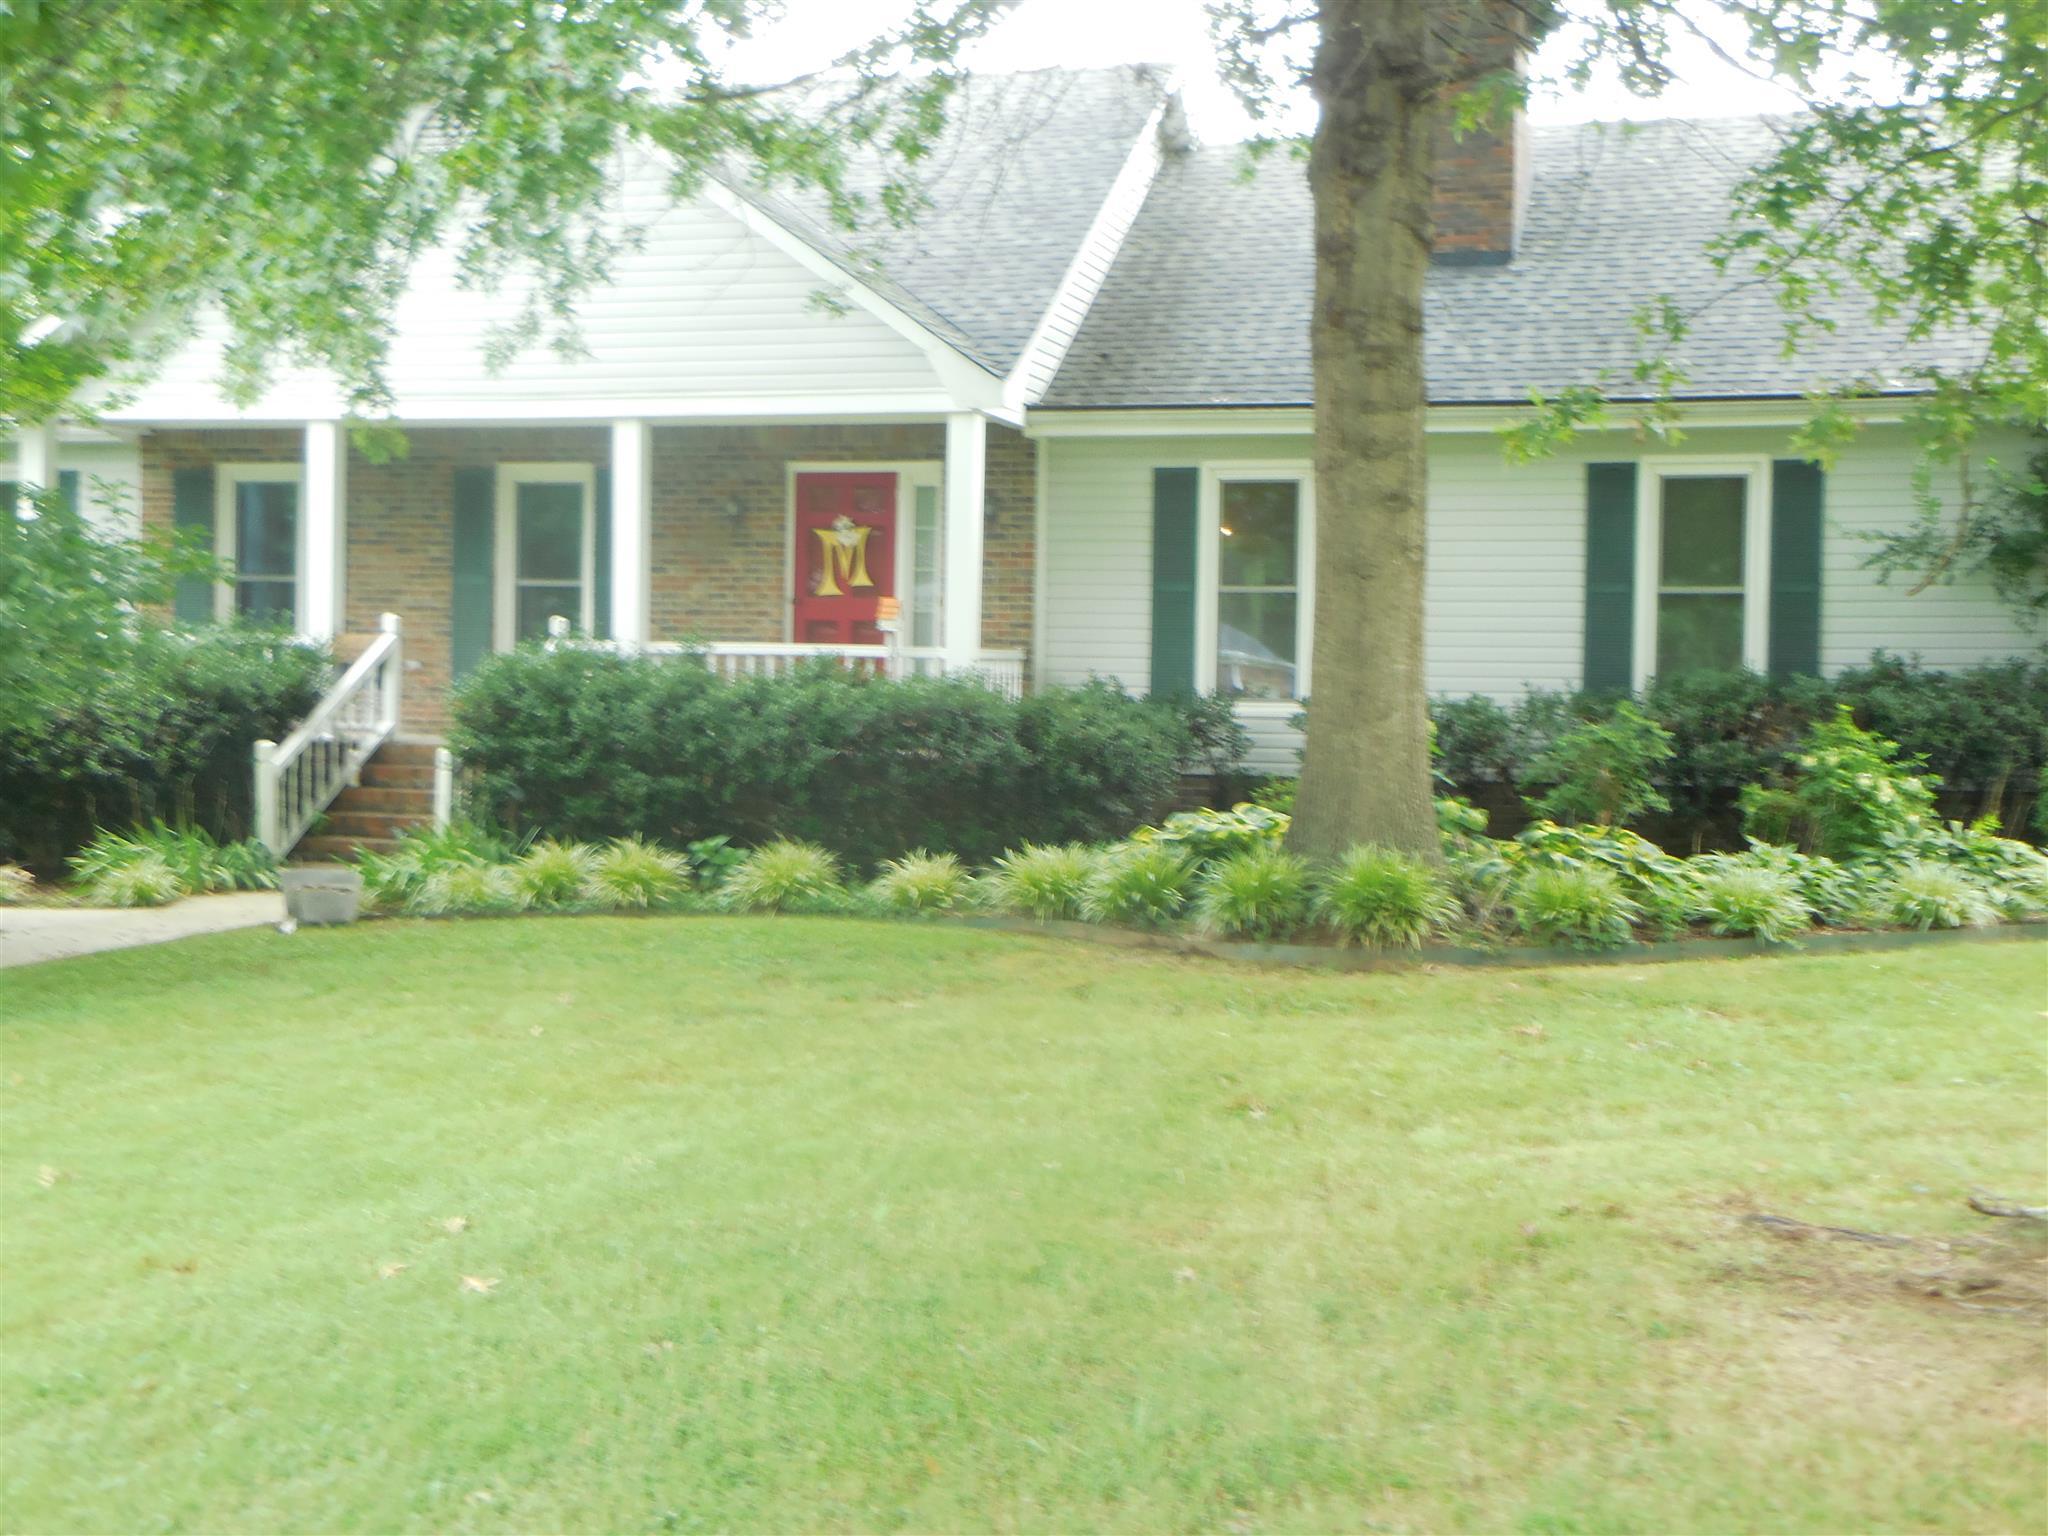 805 Fairway Dr, Fayetteville, TN 37334